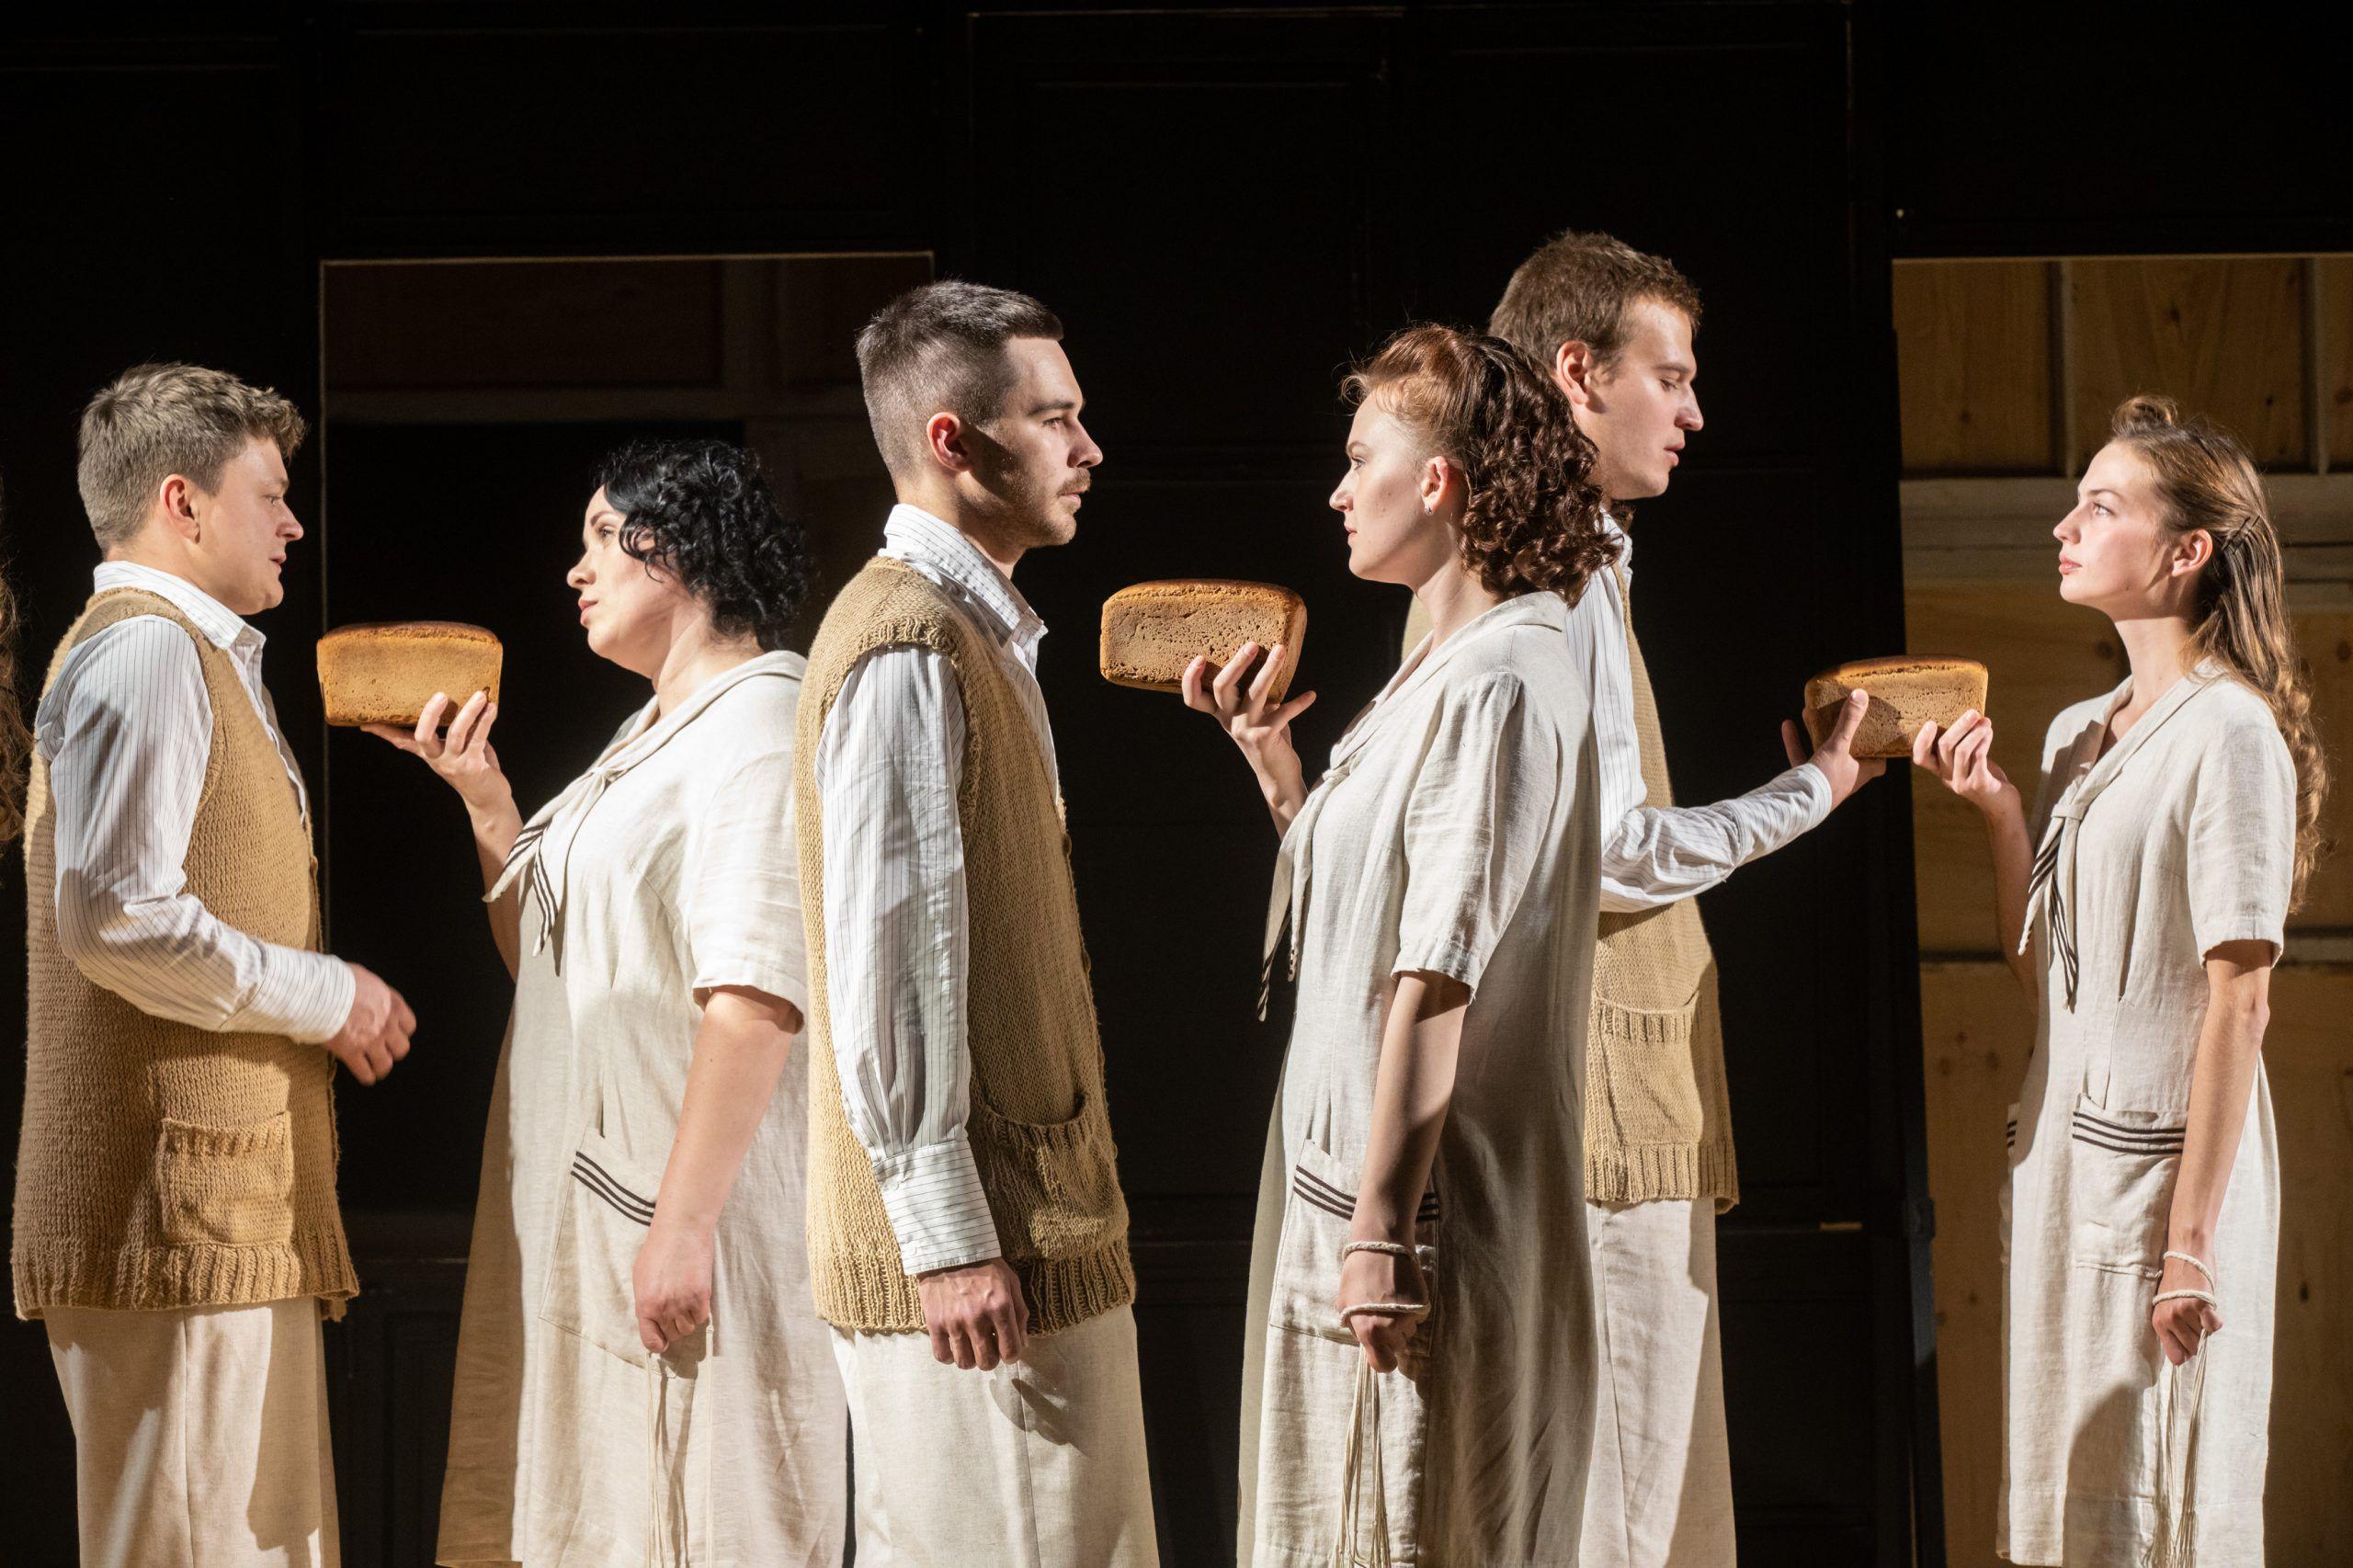 Спектакль «Старуха» в театре «Студия театрального искусства» фото 2